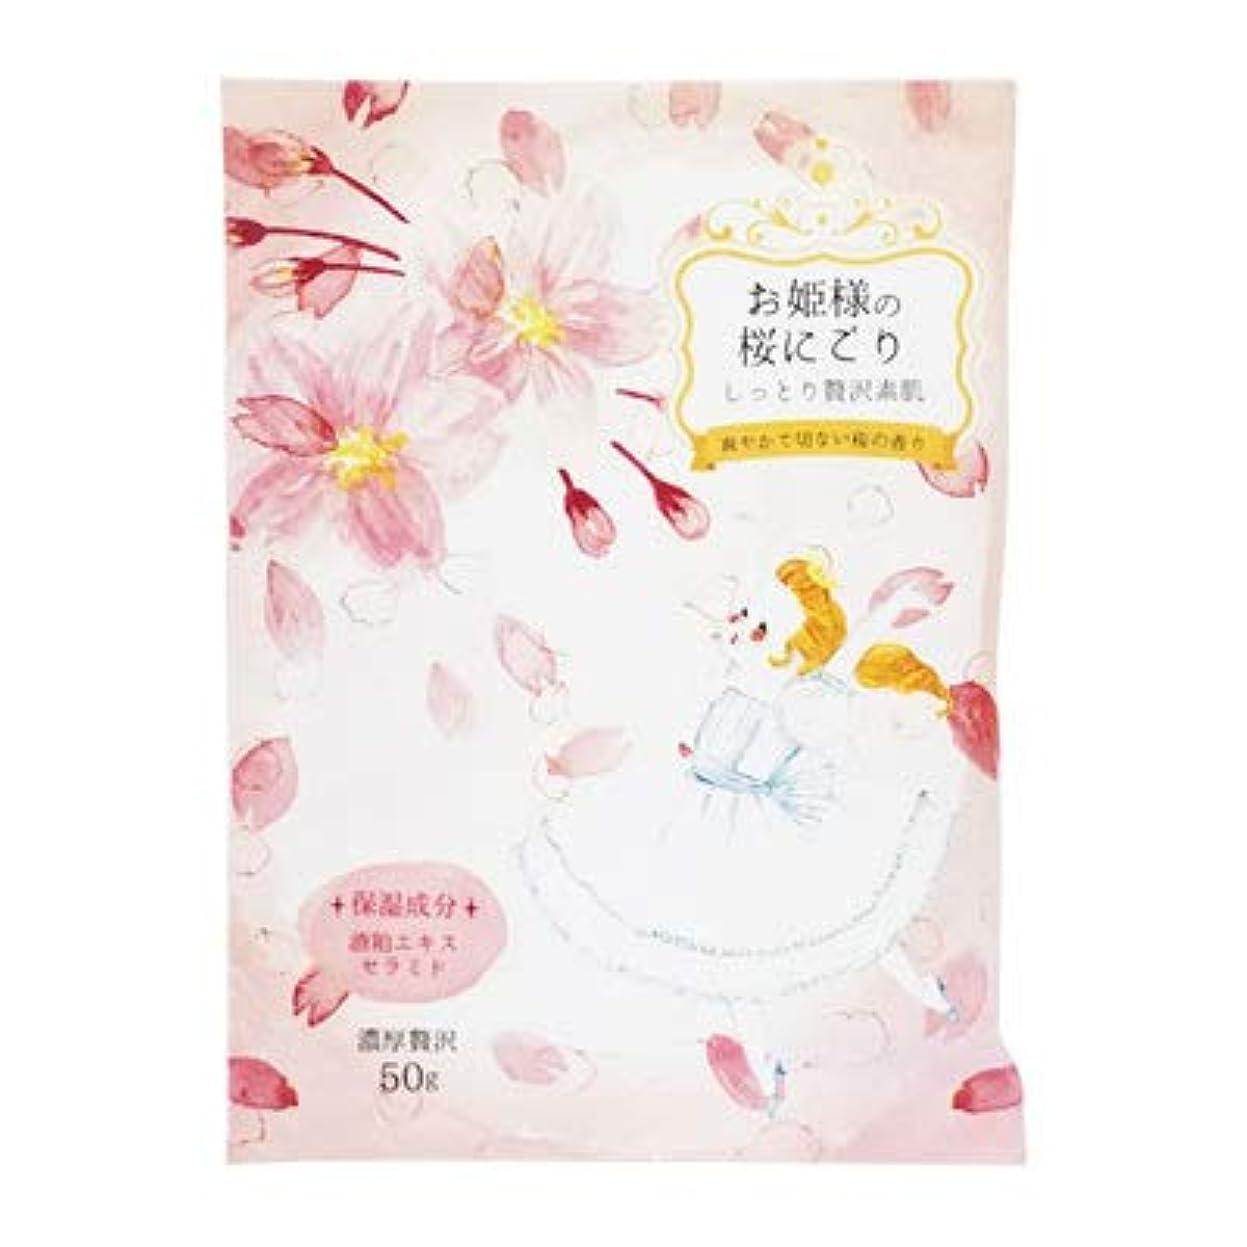 平凡ラダ心臓【まとめ買い6個セット】 お姫様風呂 桜にごり